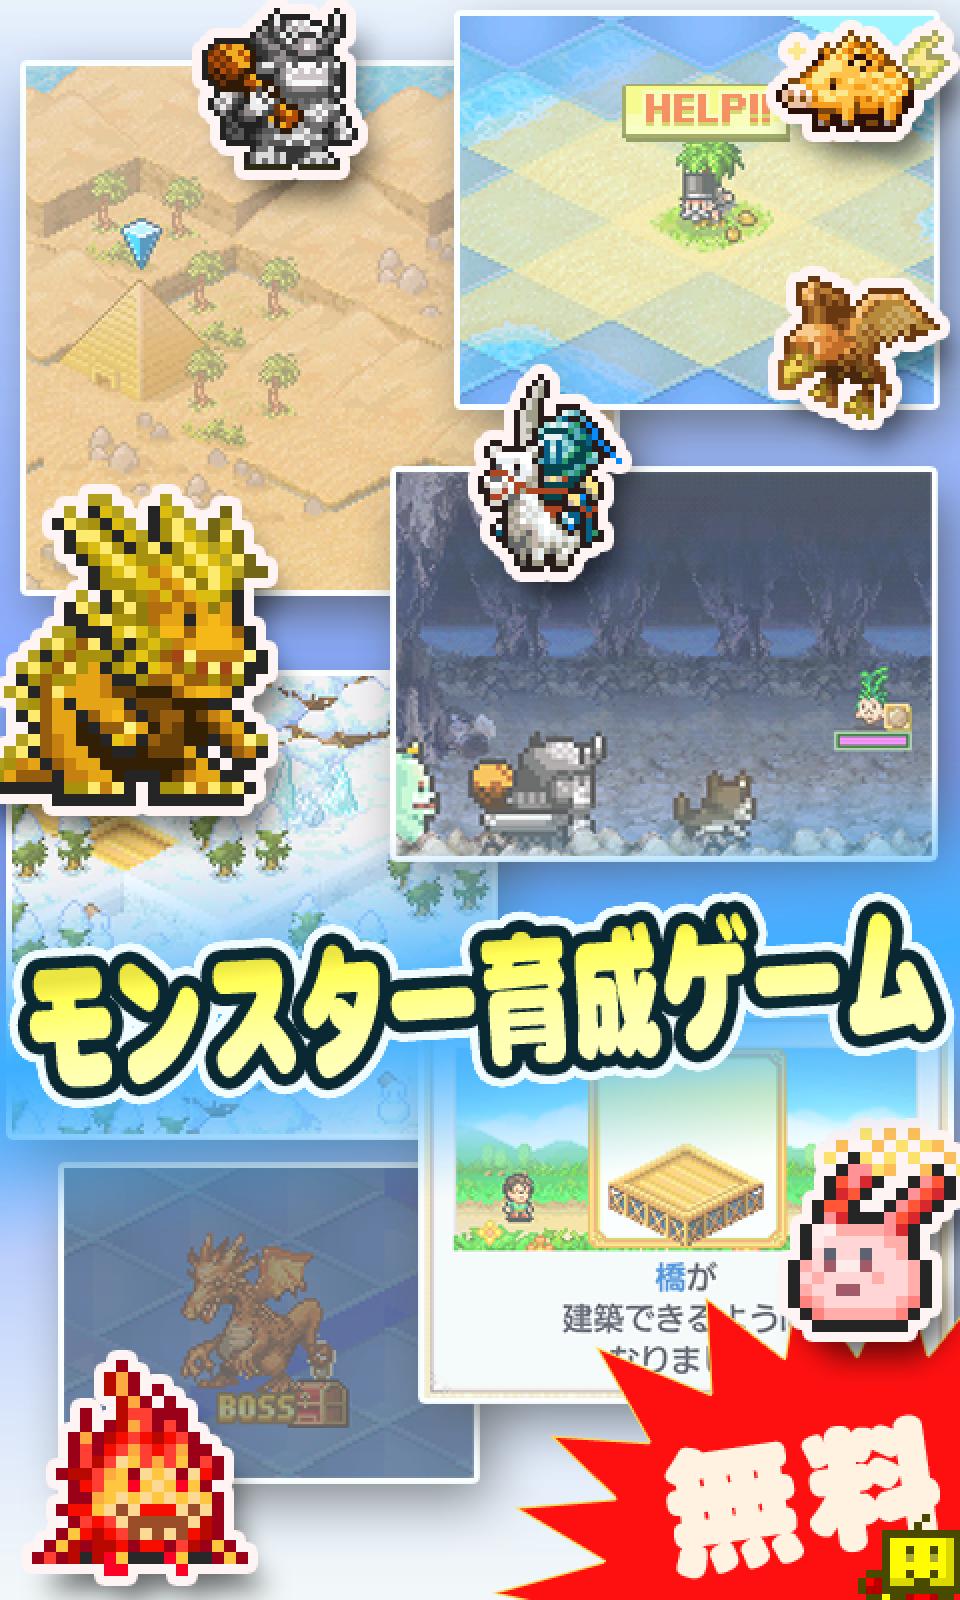 開拓サバイバル島 screenshot #17